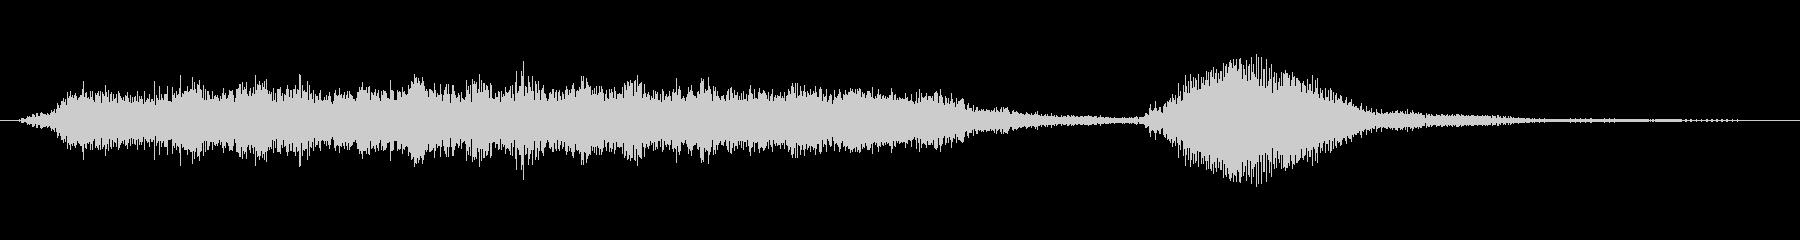 クラシックなジングルの未再生の波形